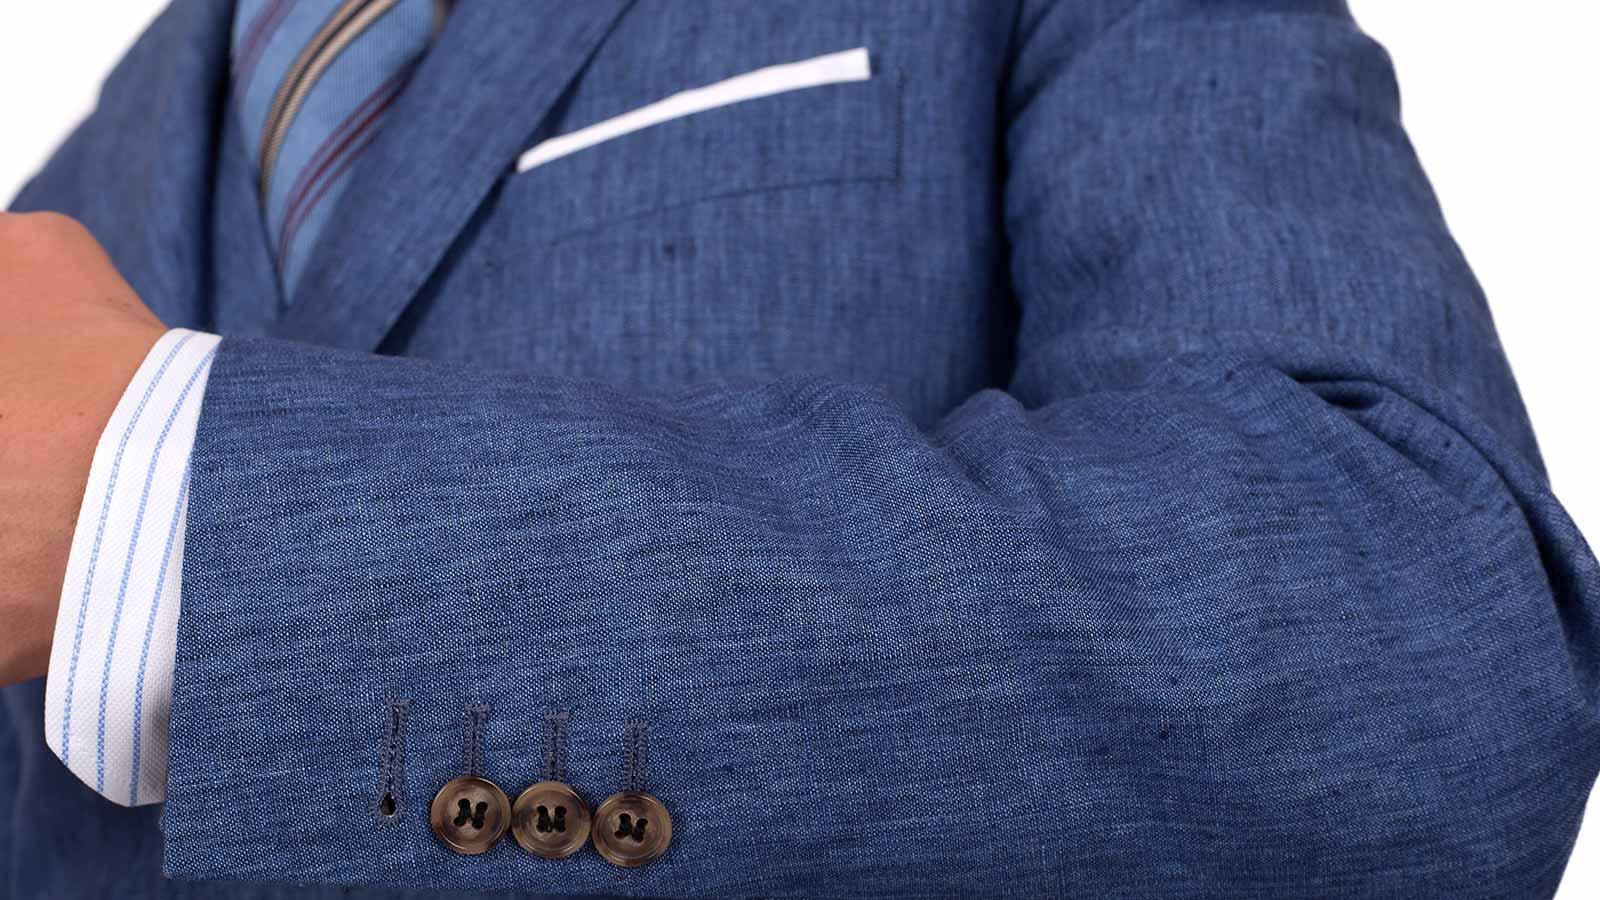 Sky Blue Linen 3 Piece Suit - slider image 1